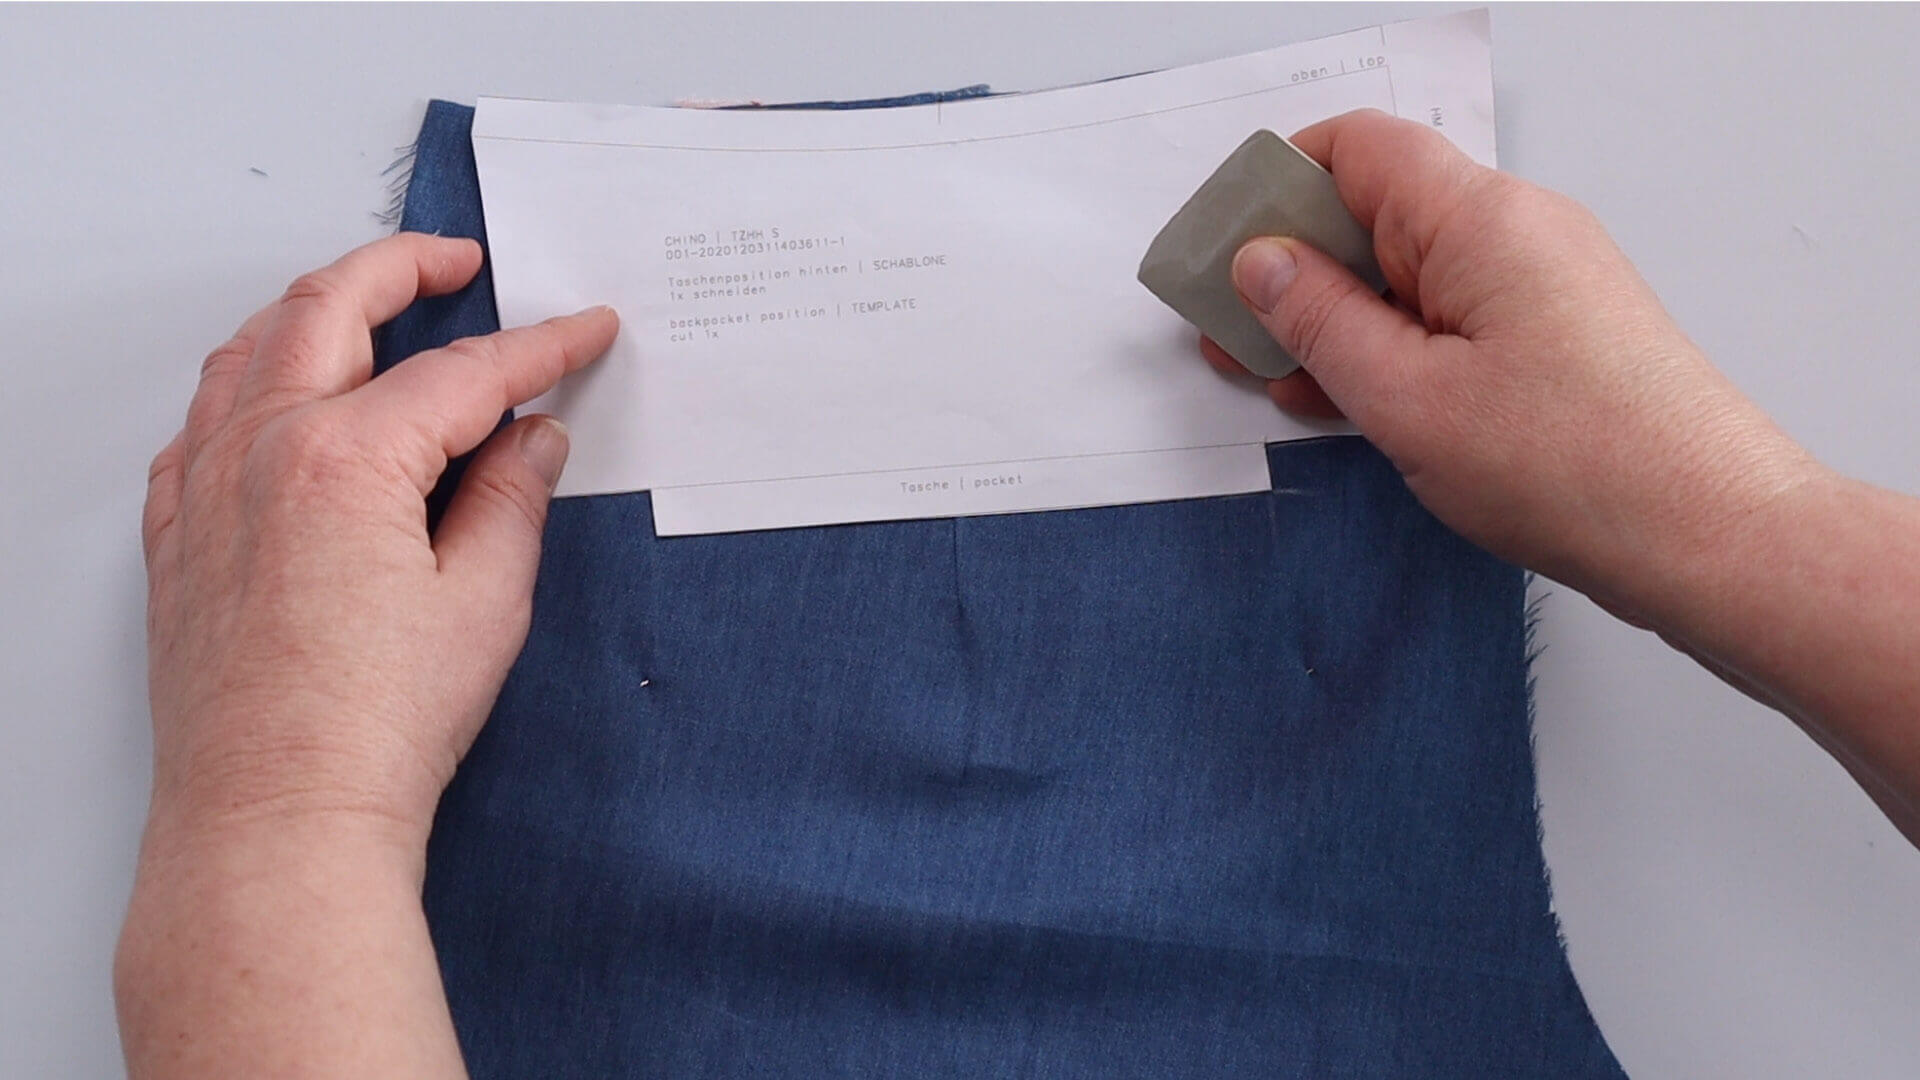 Hosentasche selber nähen- Schritt: Taschenposition auf rechter Stoffseite anzeichnen